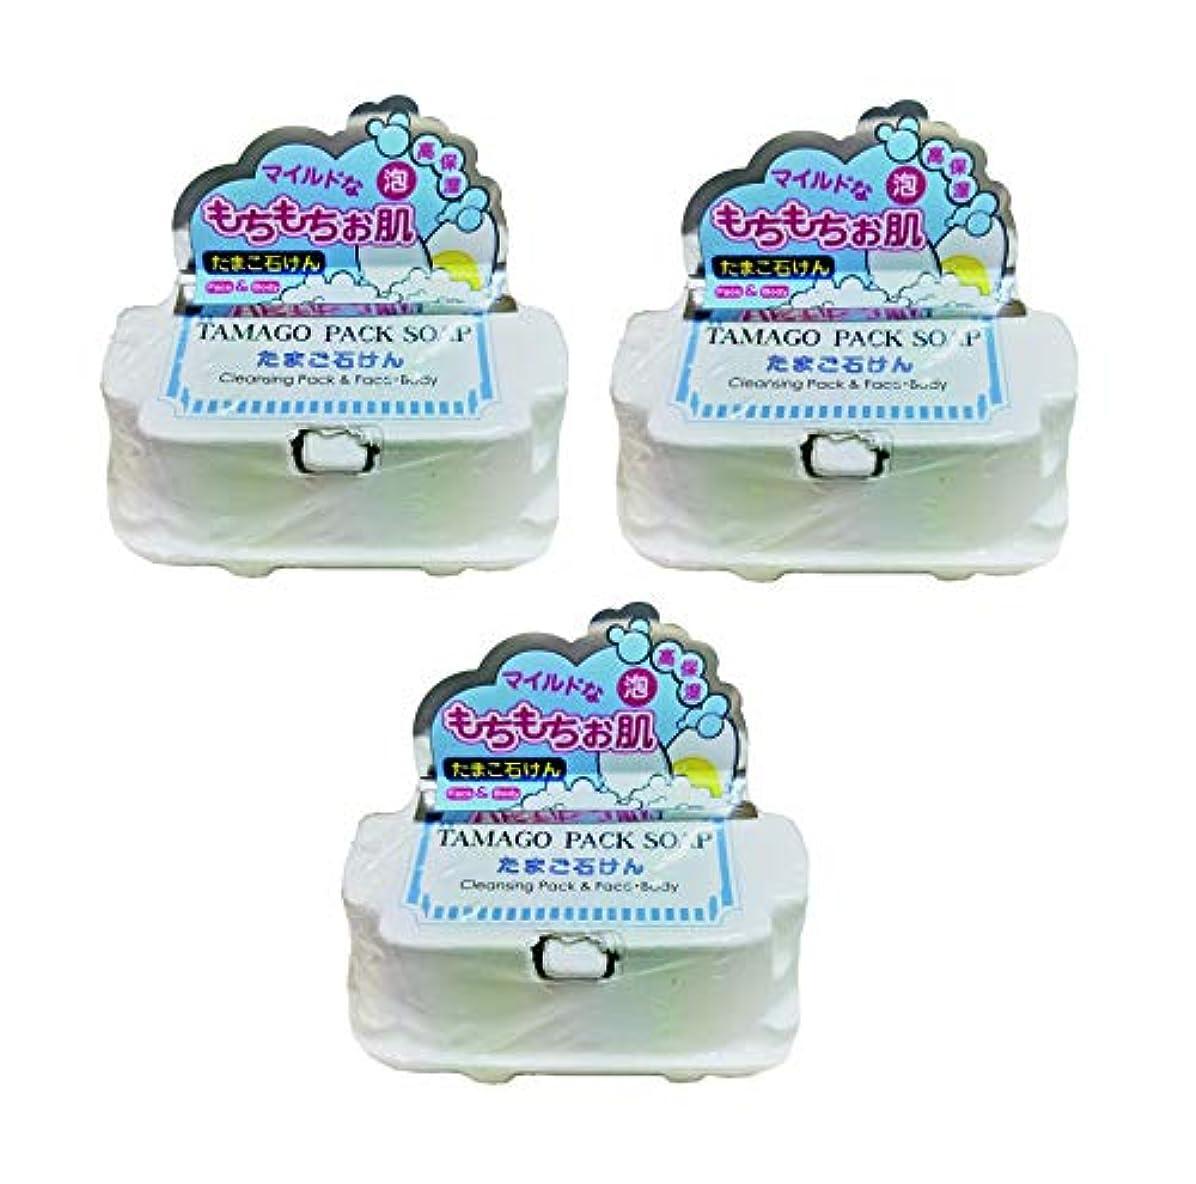 プログレッシブ吹雪テクトニックシンビジャパン たまご石けん TAMAGO PACK SOAP フェイス?ボディ用 (50g×2個入)×3個セット